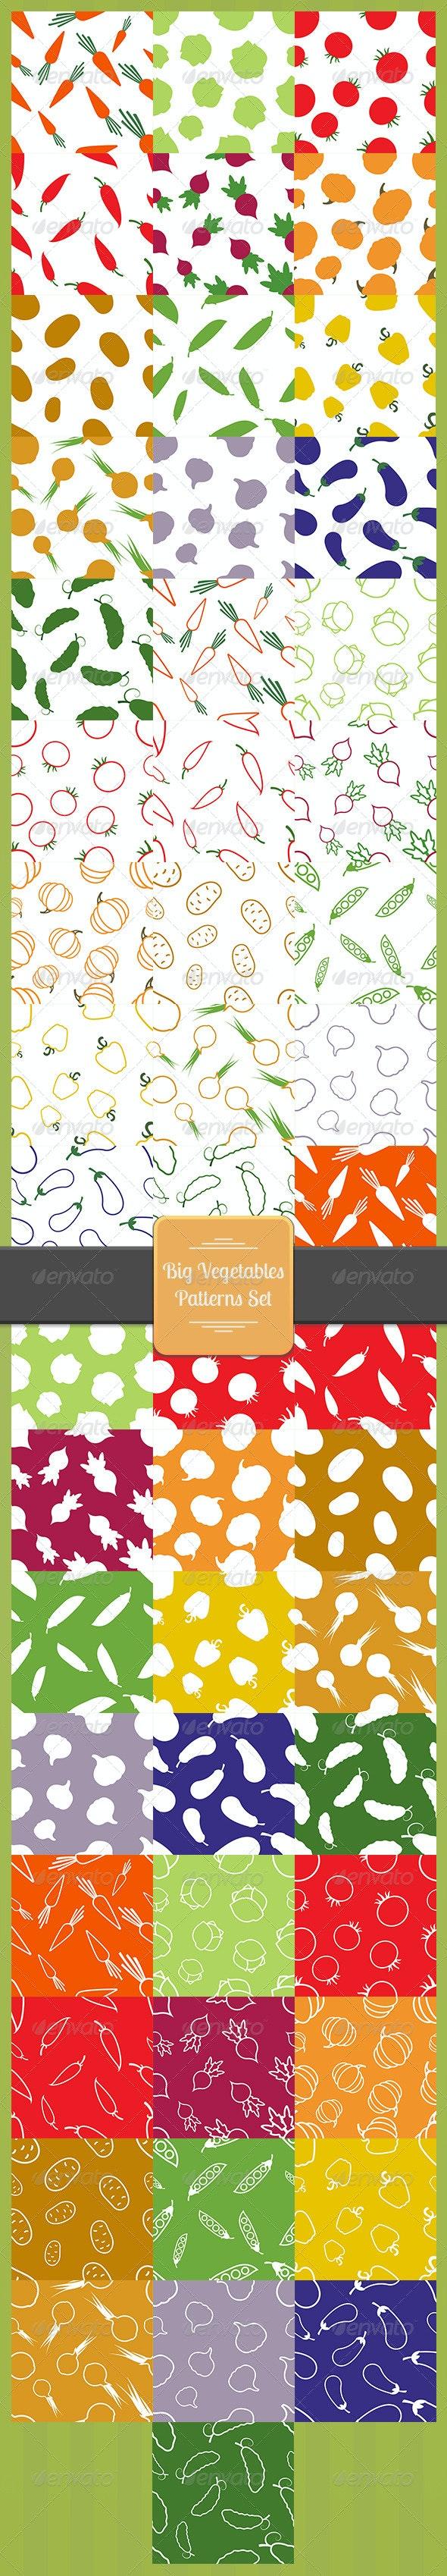 Big Vegetables Patterns Set - Patterns Decorative